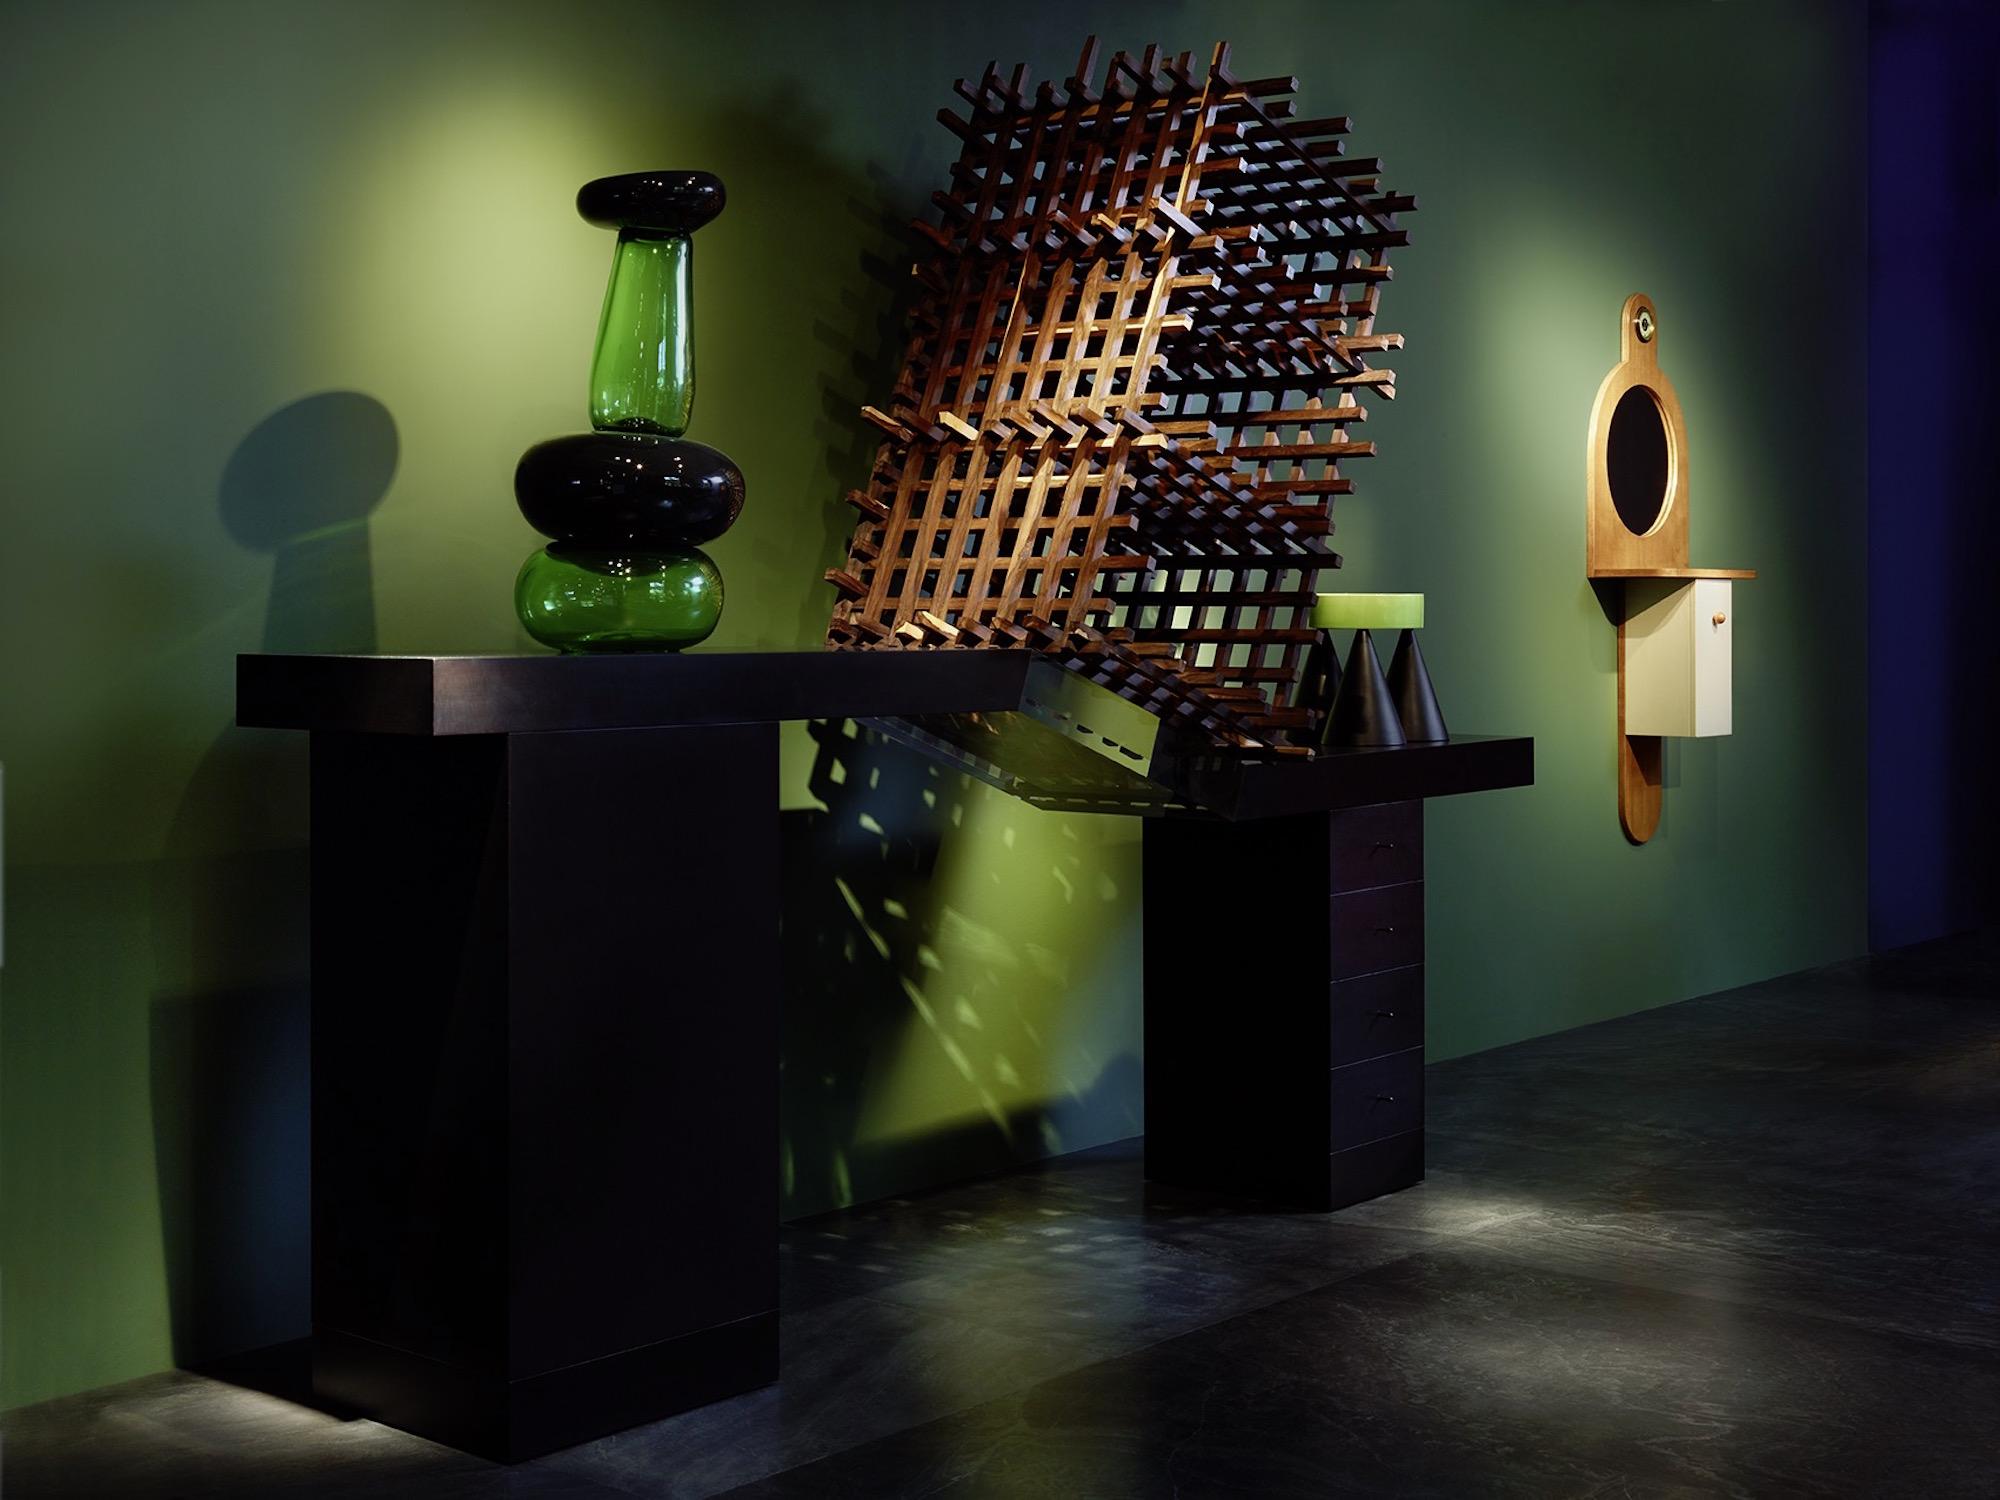 10_Ettore Sottsass © Marie Clérin - Laffanour Galerie Downtown Paris